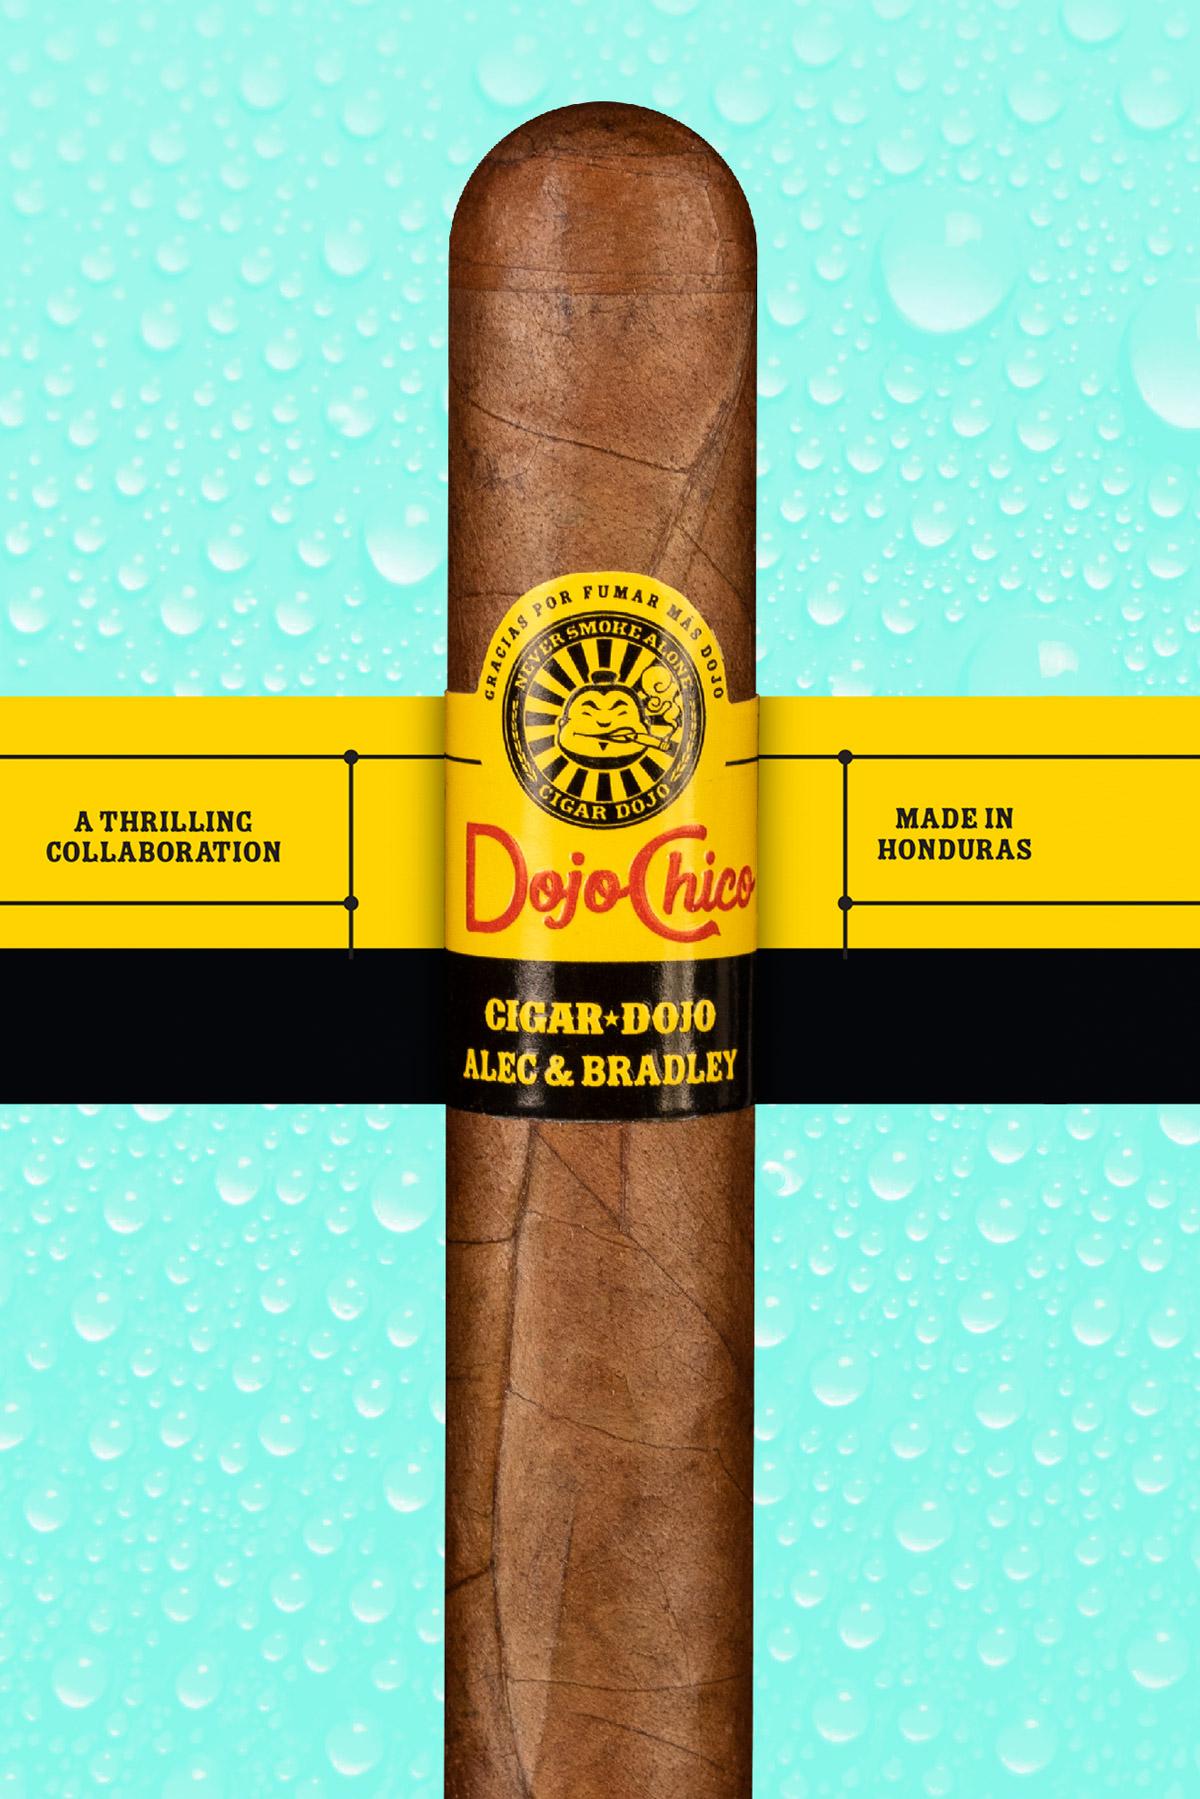 Alec & Bradley Dojo Chico cigar glamour